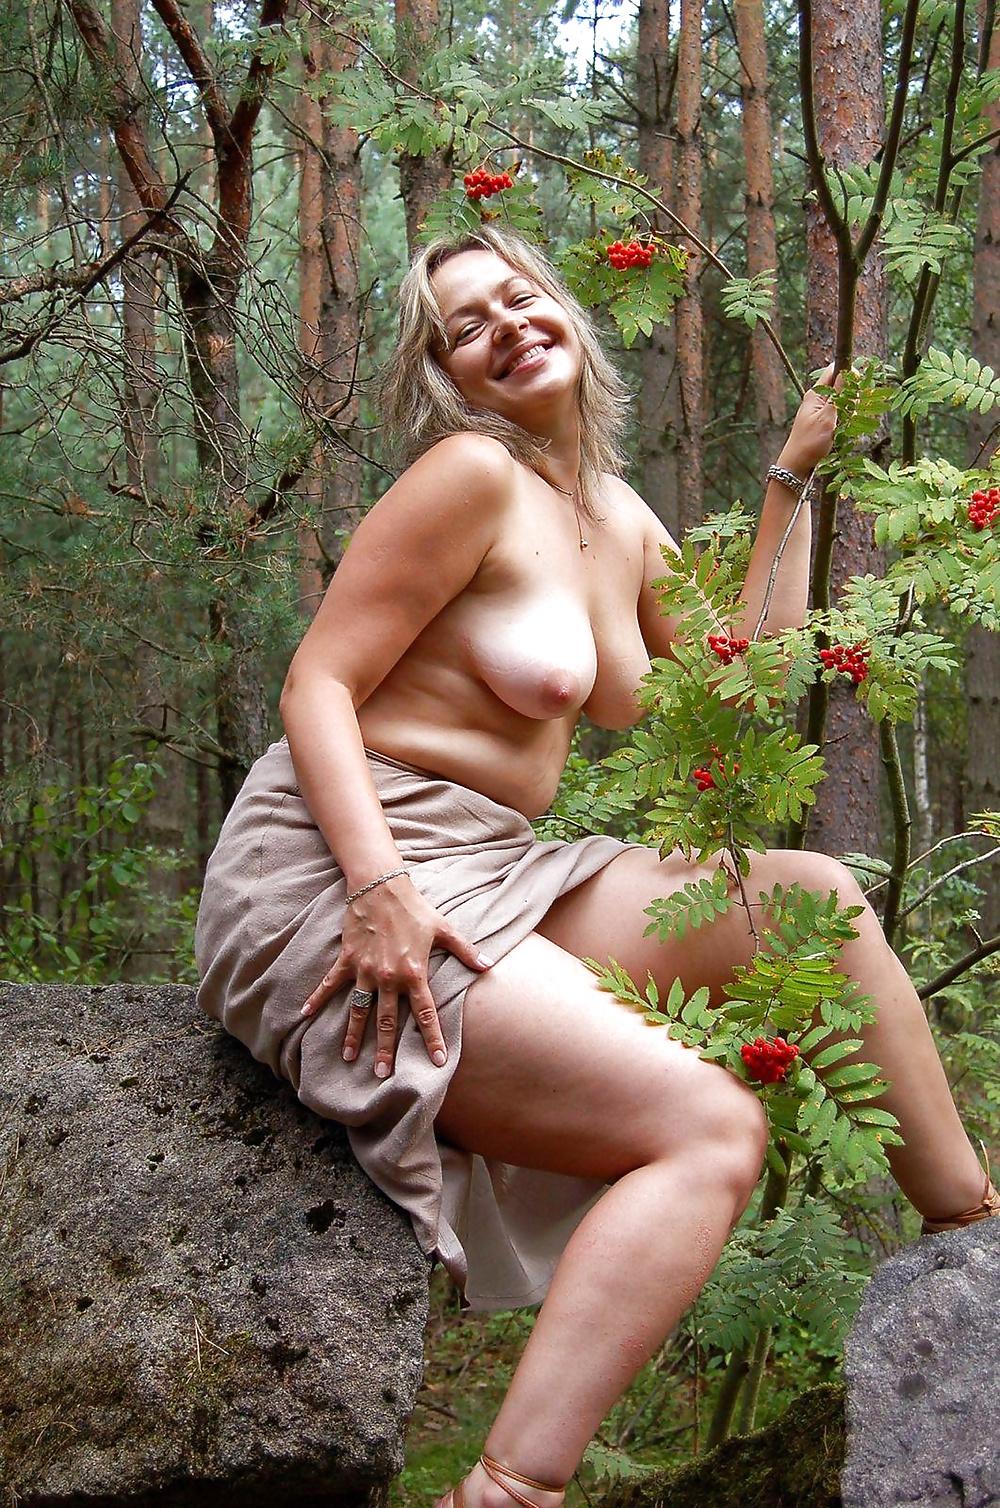 zhene-konchil-erotika-krasivie-zrelie-na-lesnoy-tropinke